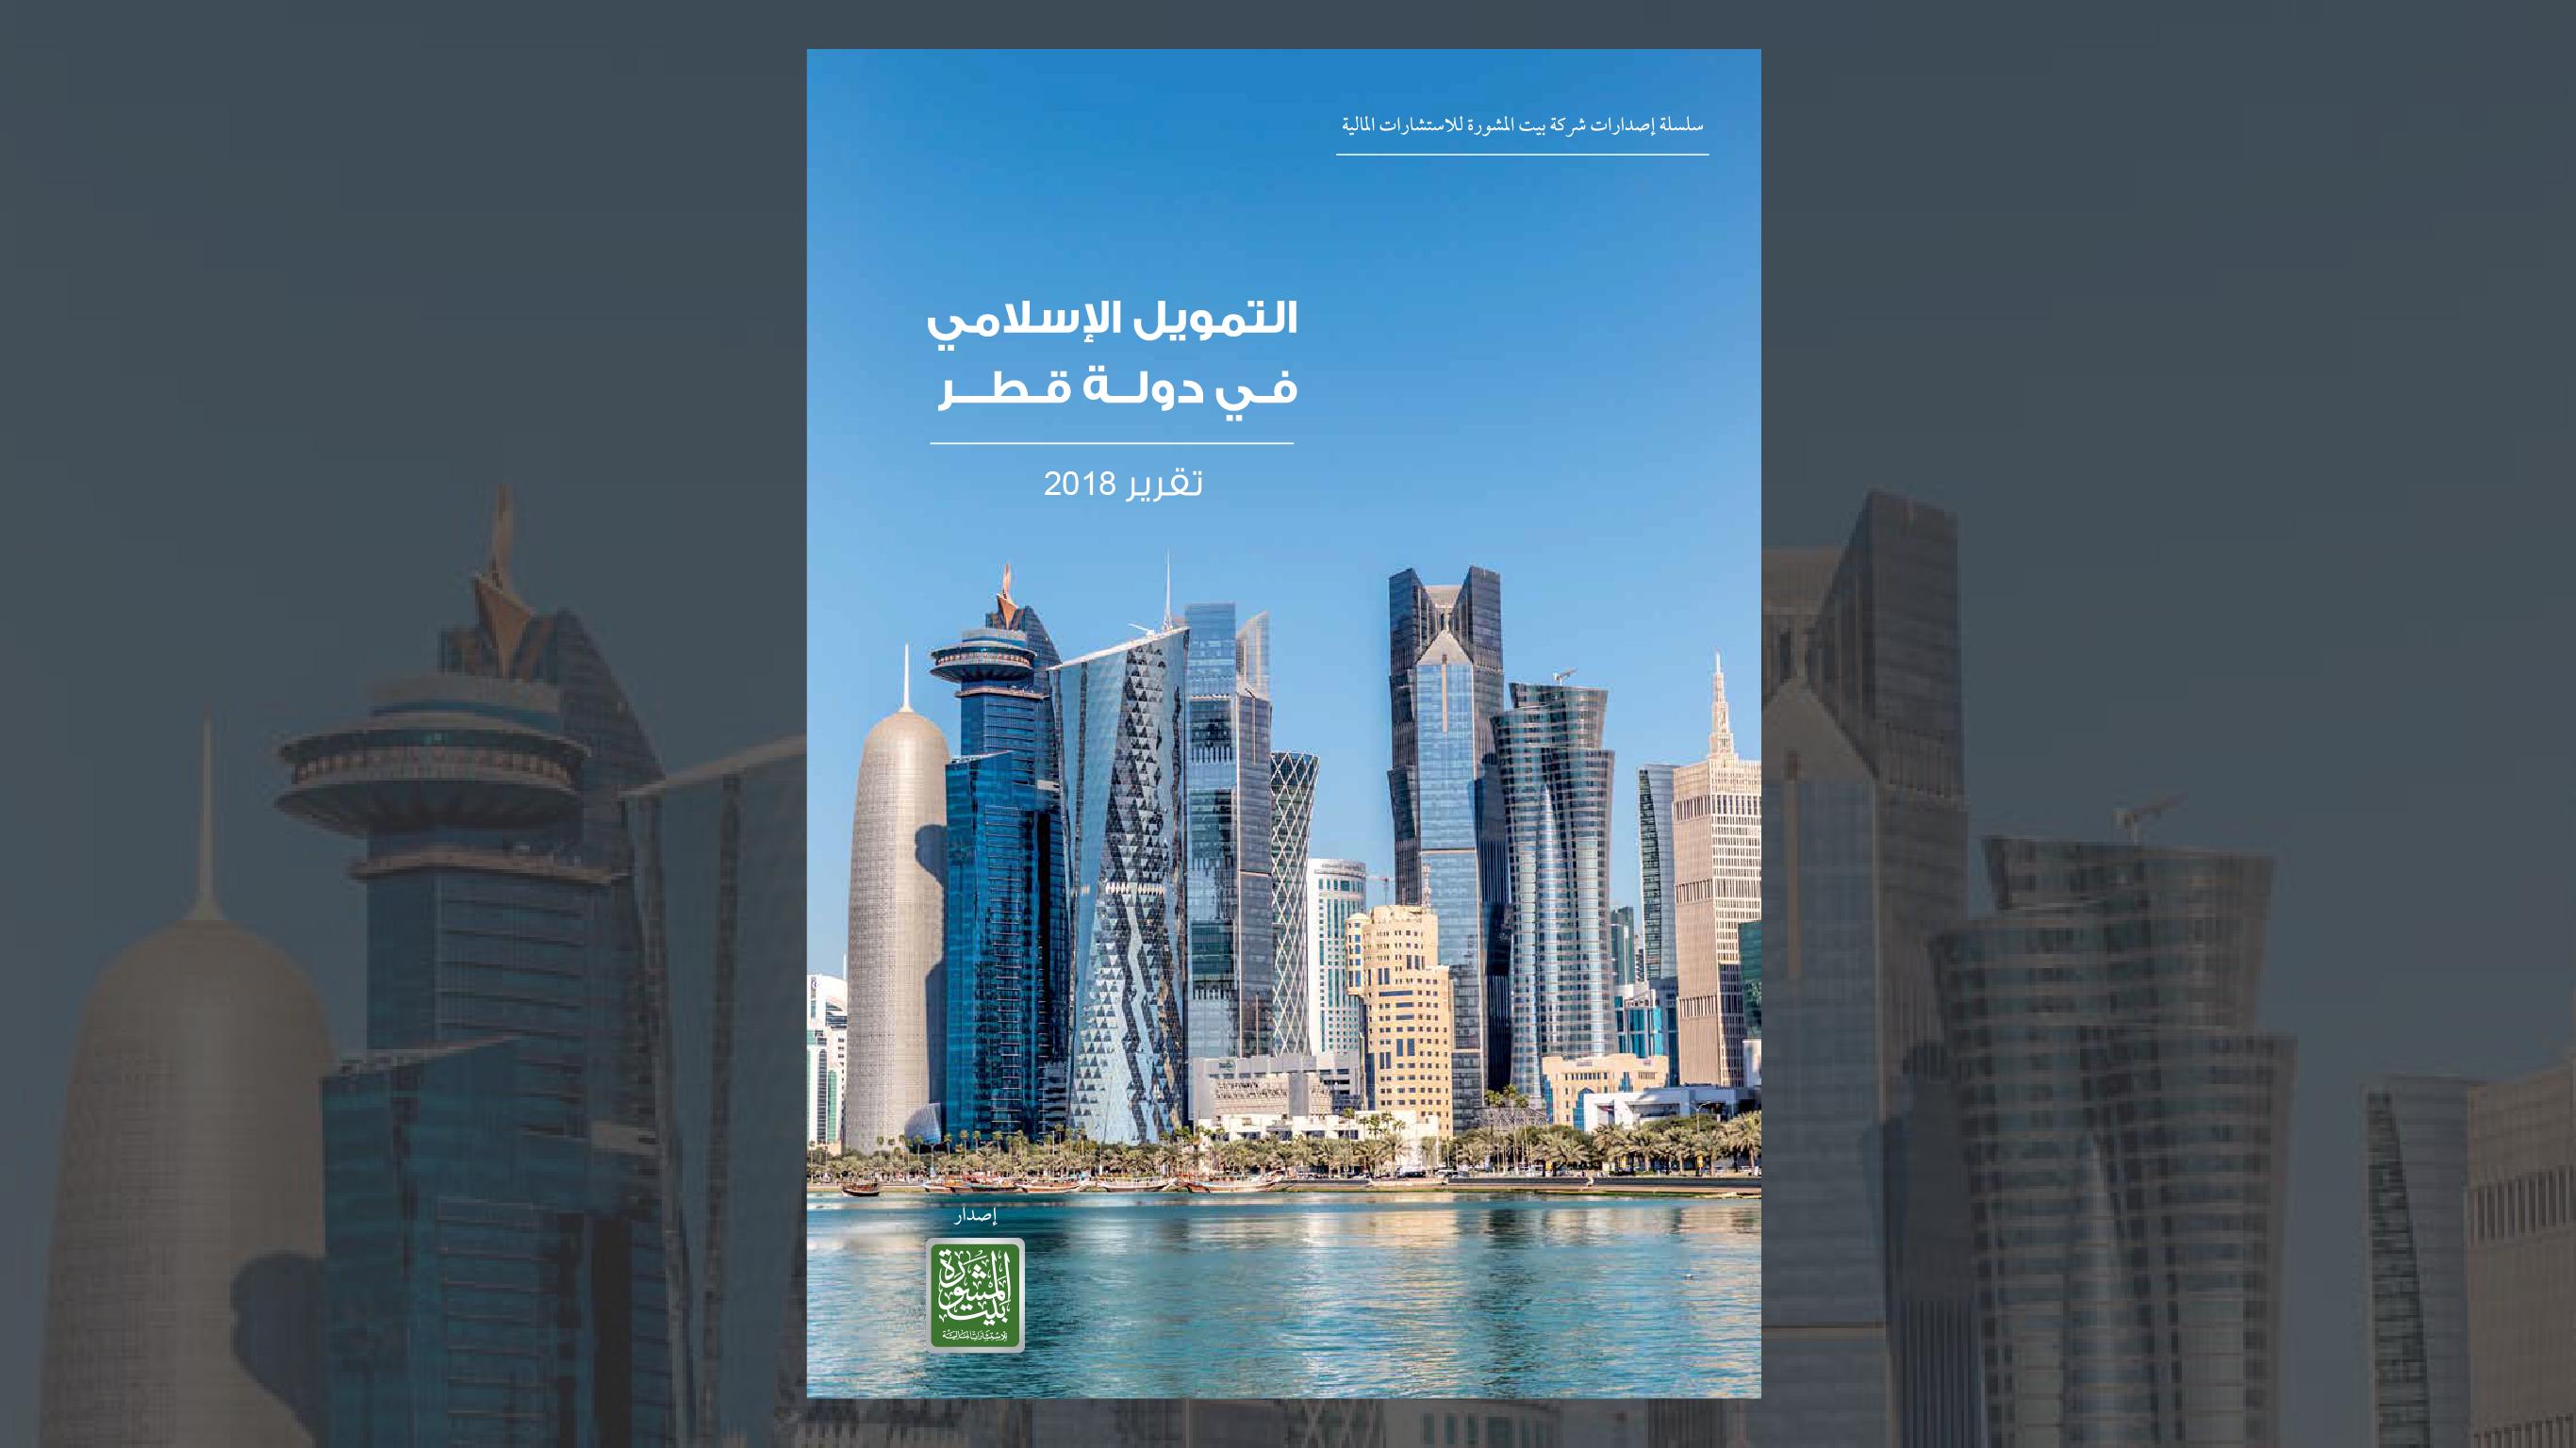 صدور التقرير الثاني عن التمويل الإسلامي في دولة قطر